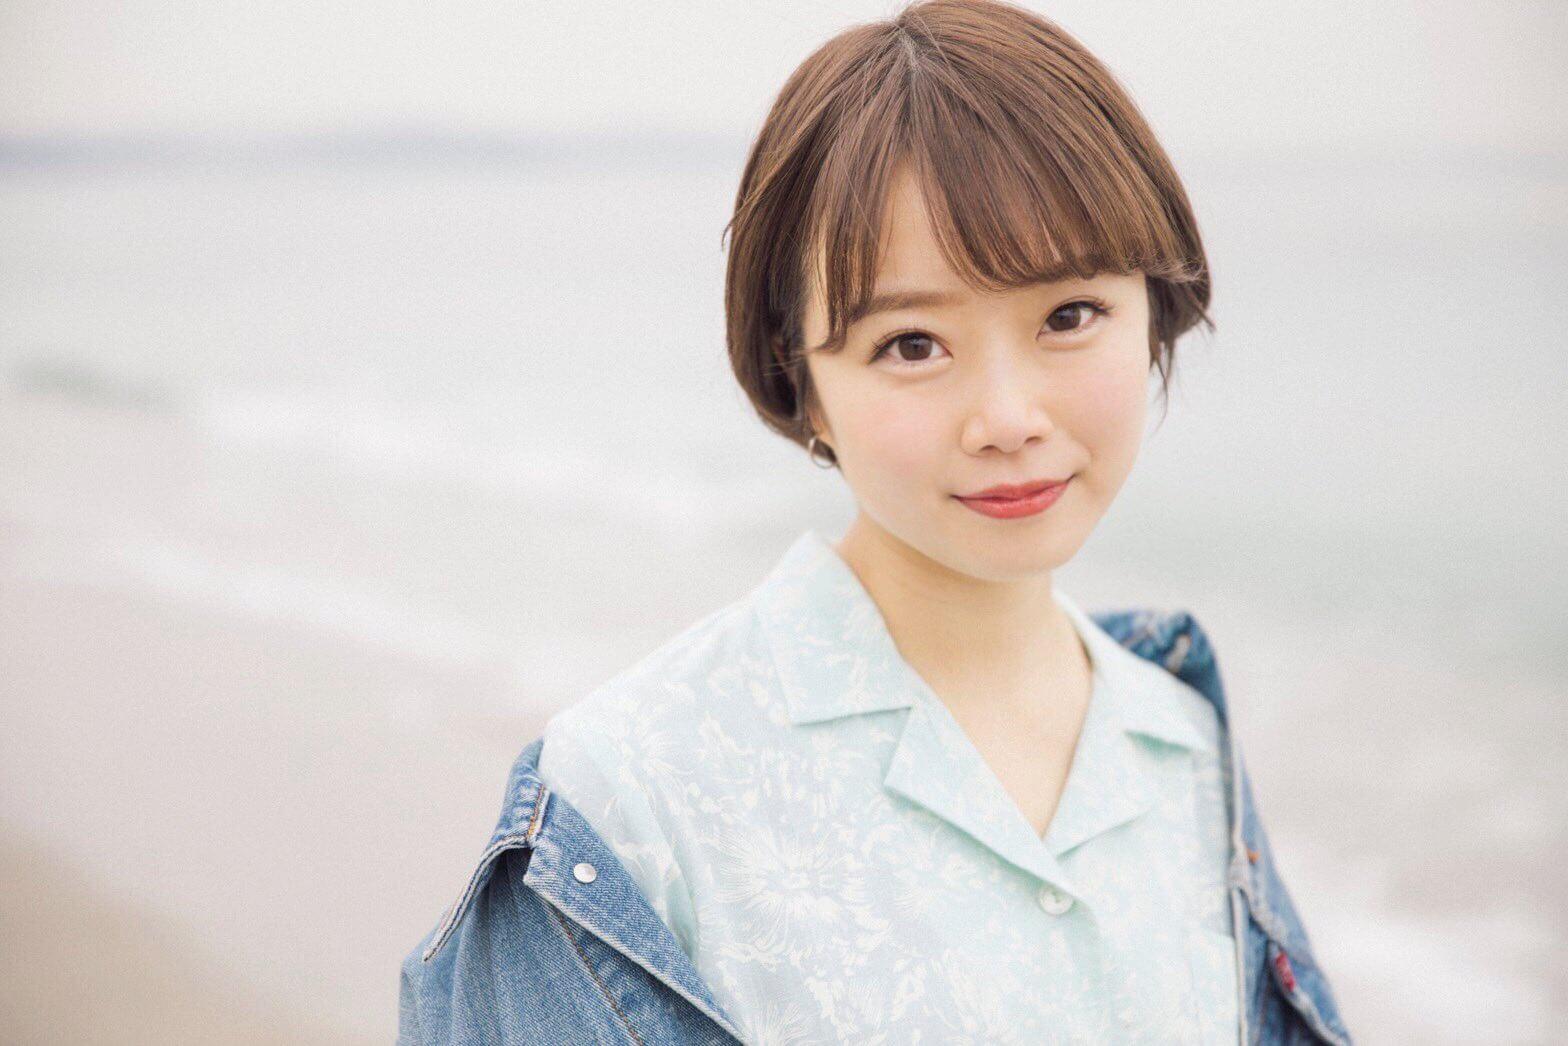 【渡辺まお 動画】19歳「エモい女の子。」FANZAカテゴリー人気順1位!